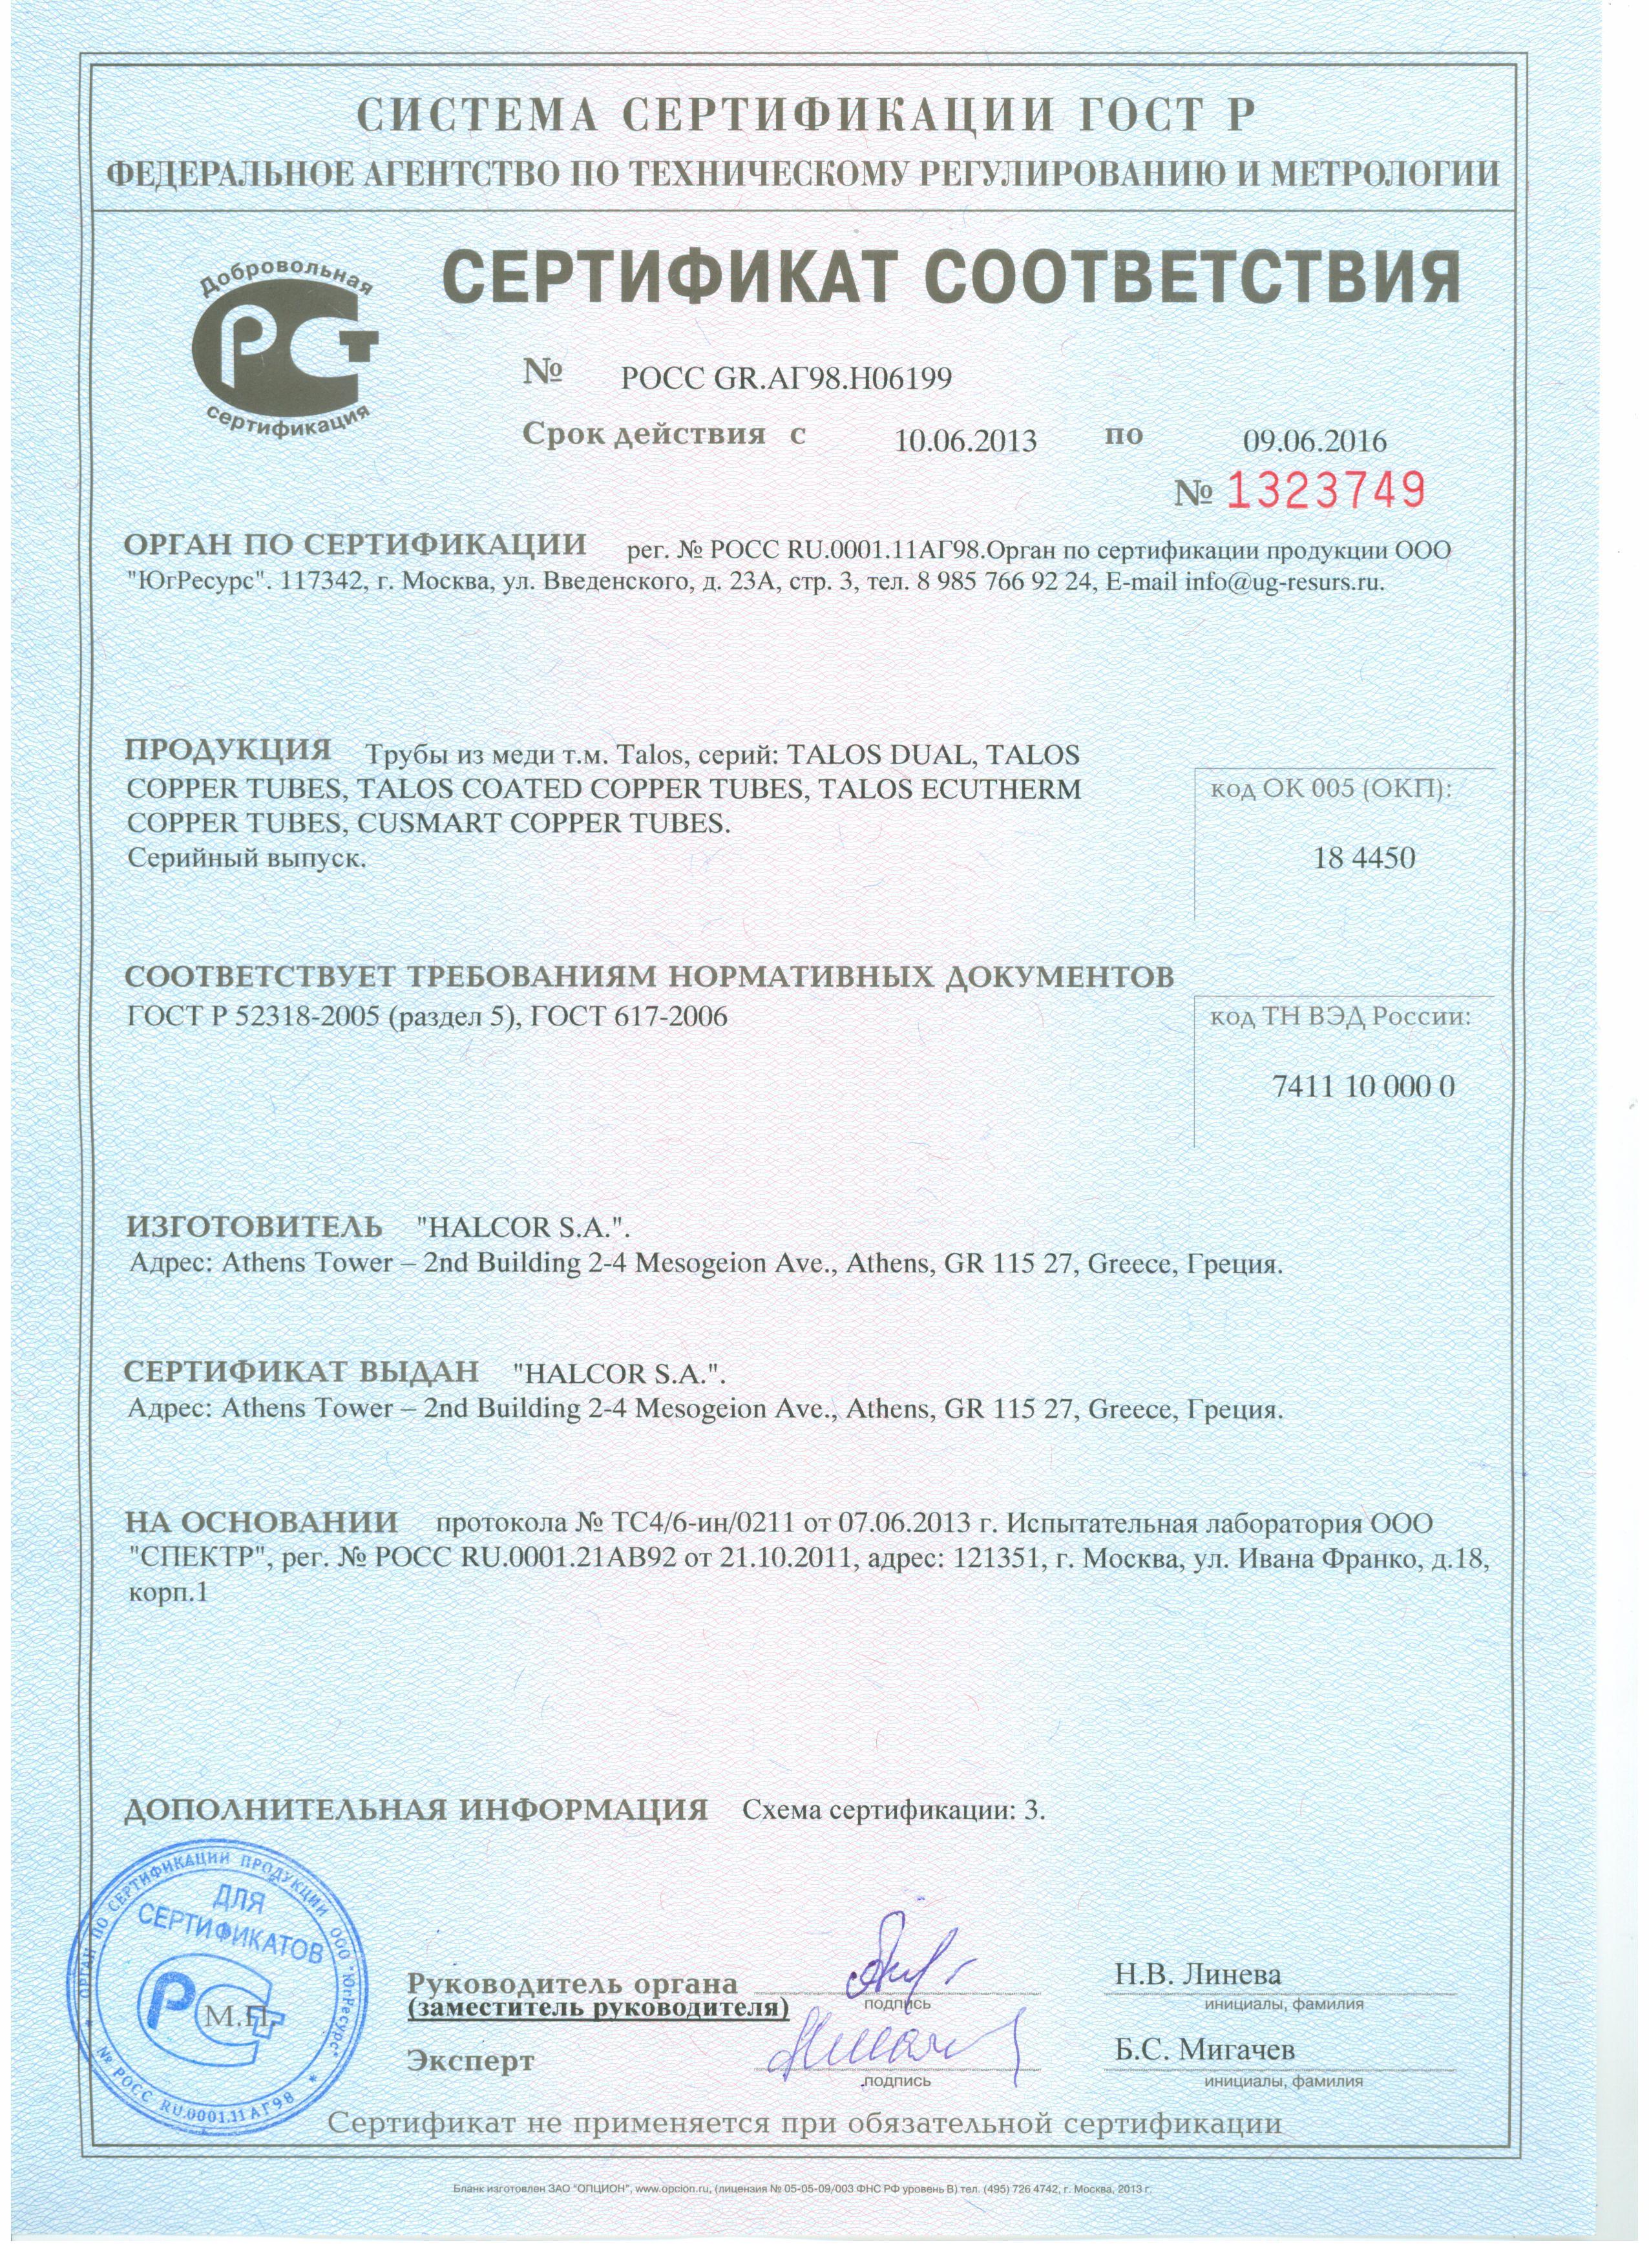 Сертификат соответствия на трубу Halcor